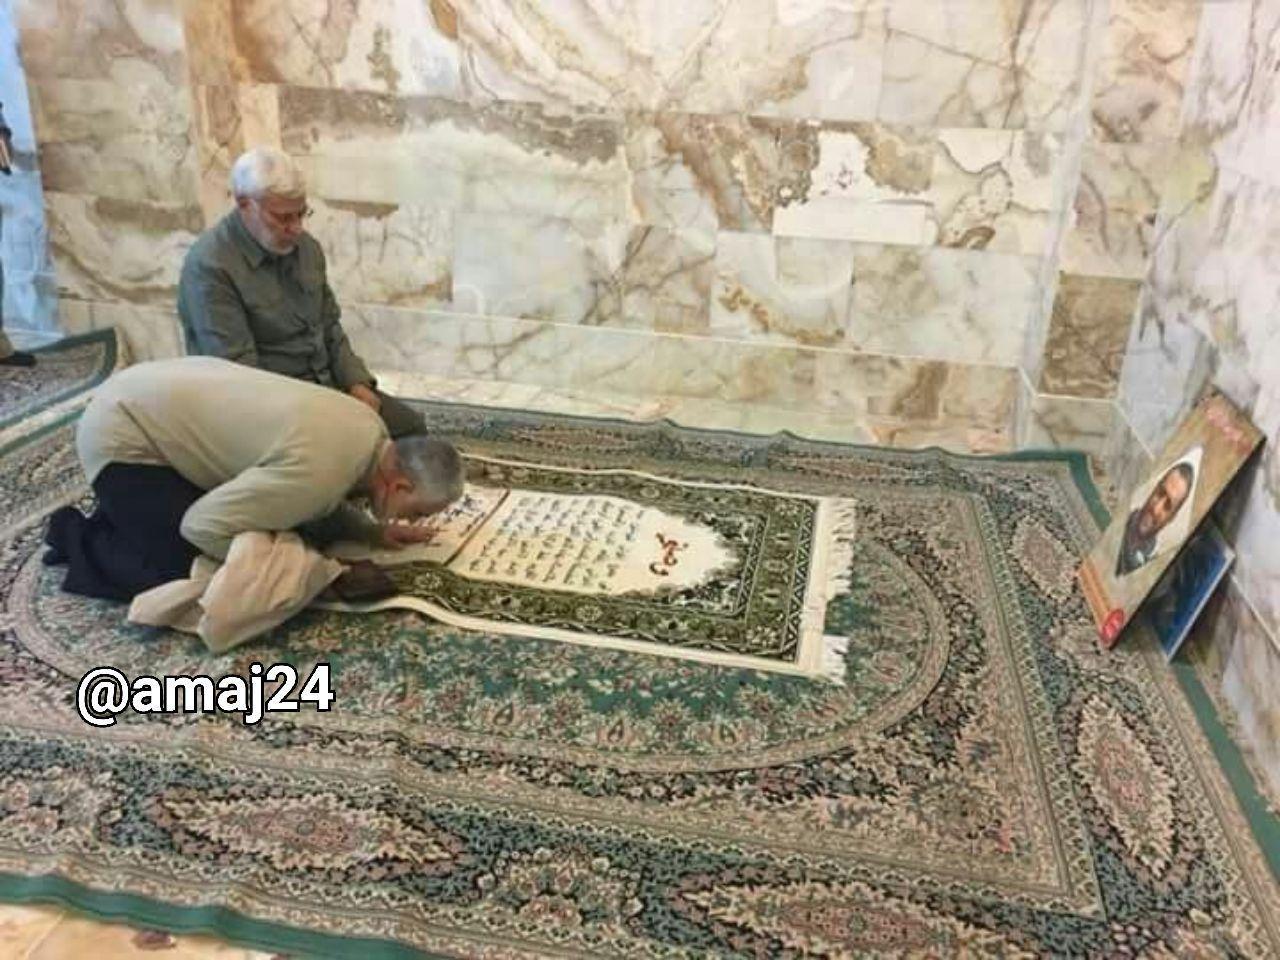 تصویر کمتر دیده شده از حاج قاسم سلیمانی و شهید ابومهدی المهندس